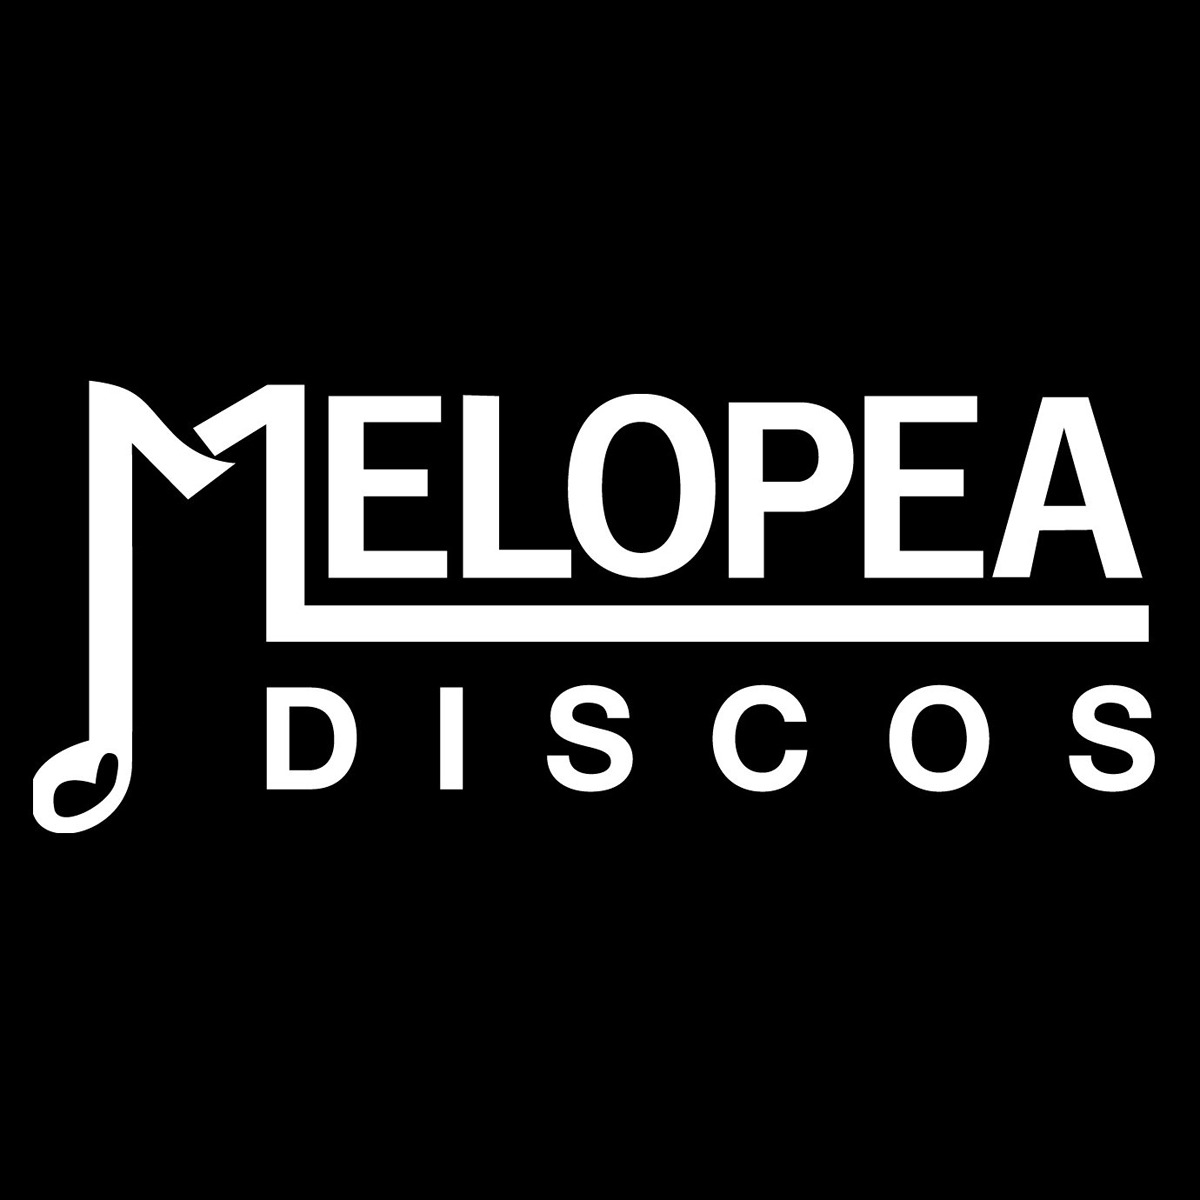 MELOPEA DISCOS